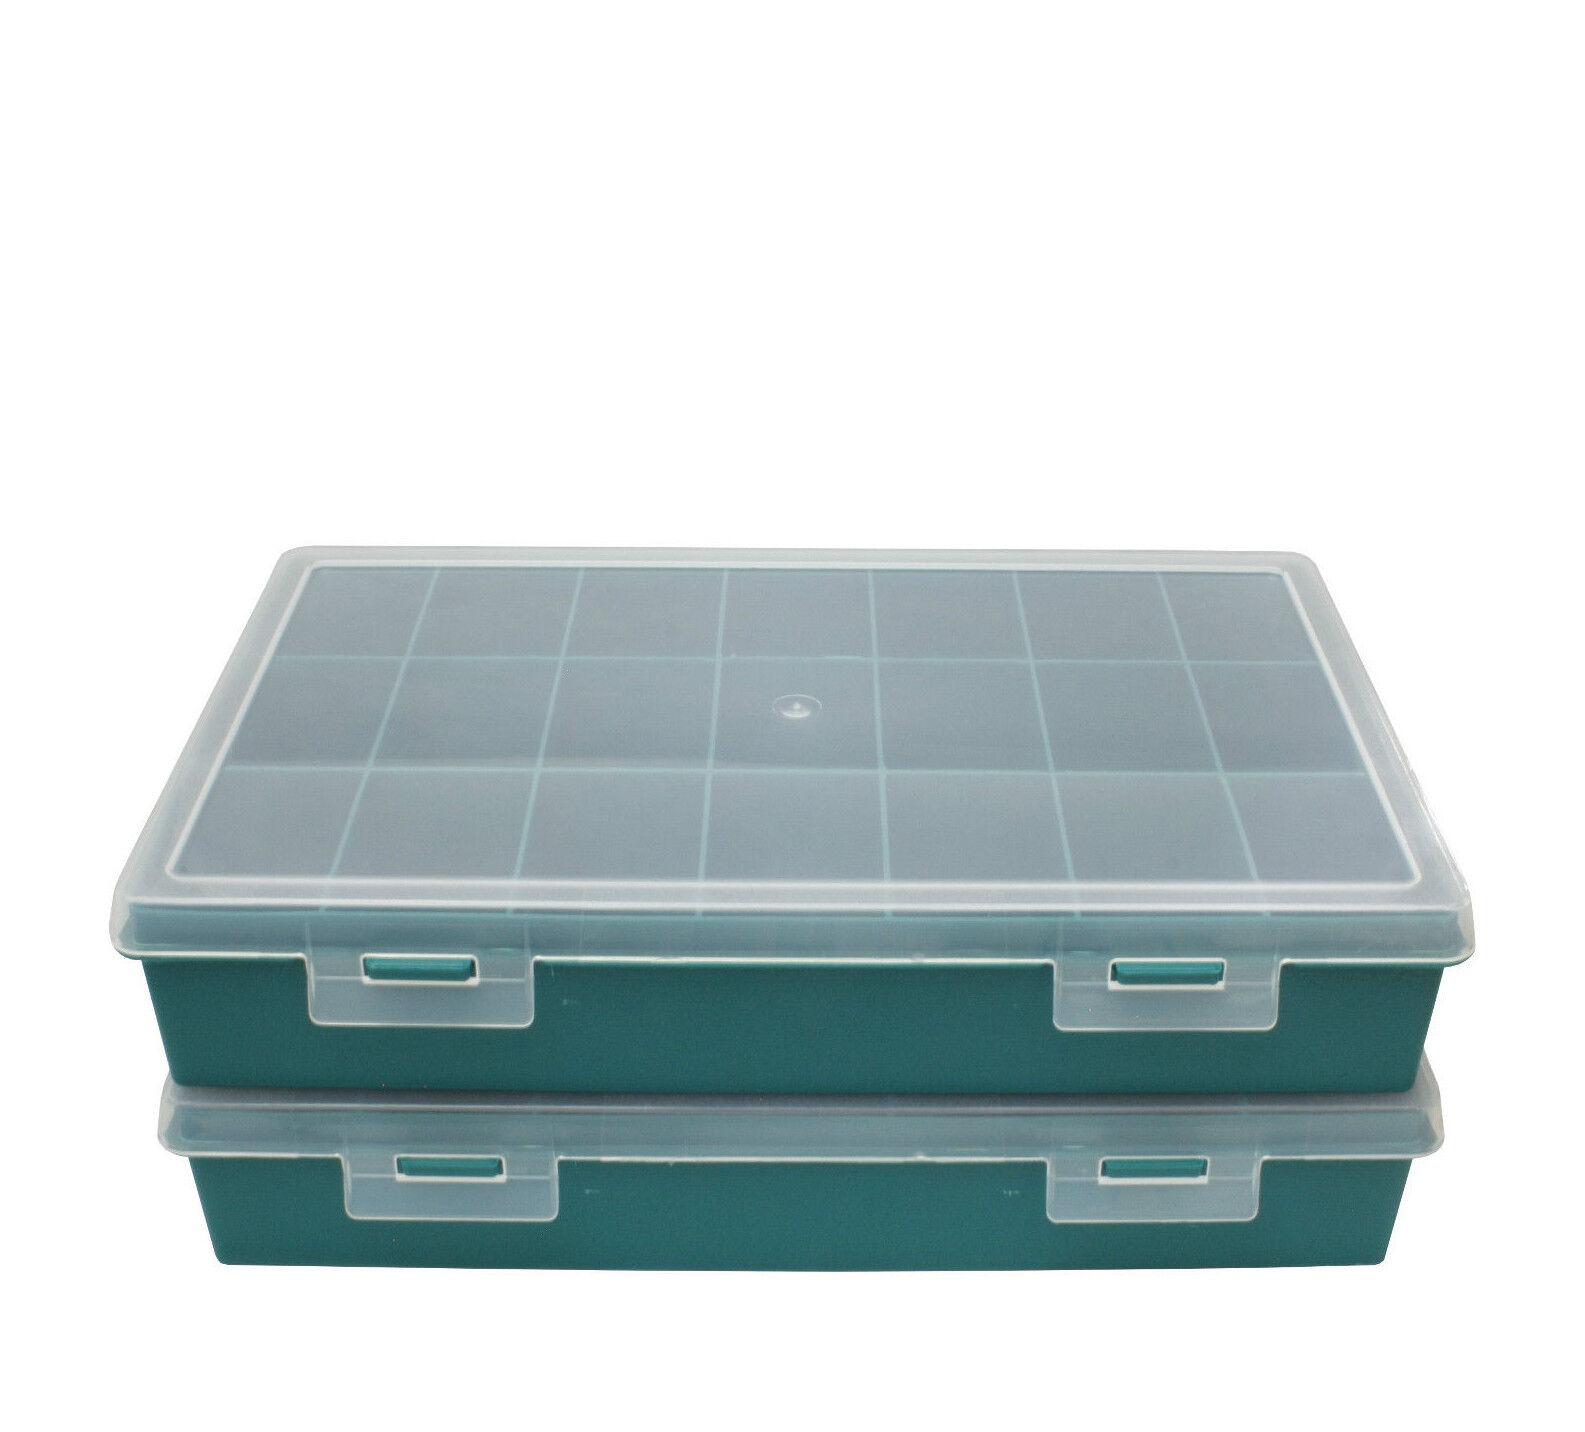 Sortimentskasten/Sortierboxen mit 11 u. 21 Fächern z.B. f. Schrauben/Kleinteile